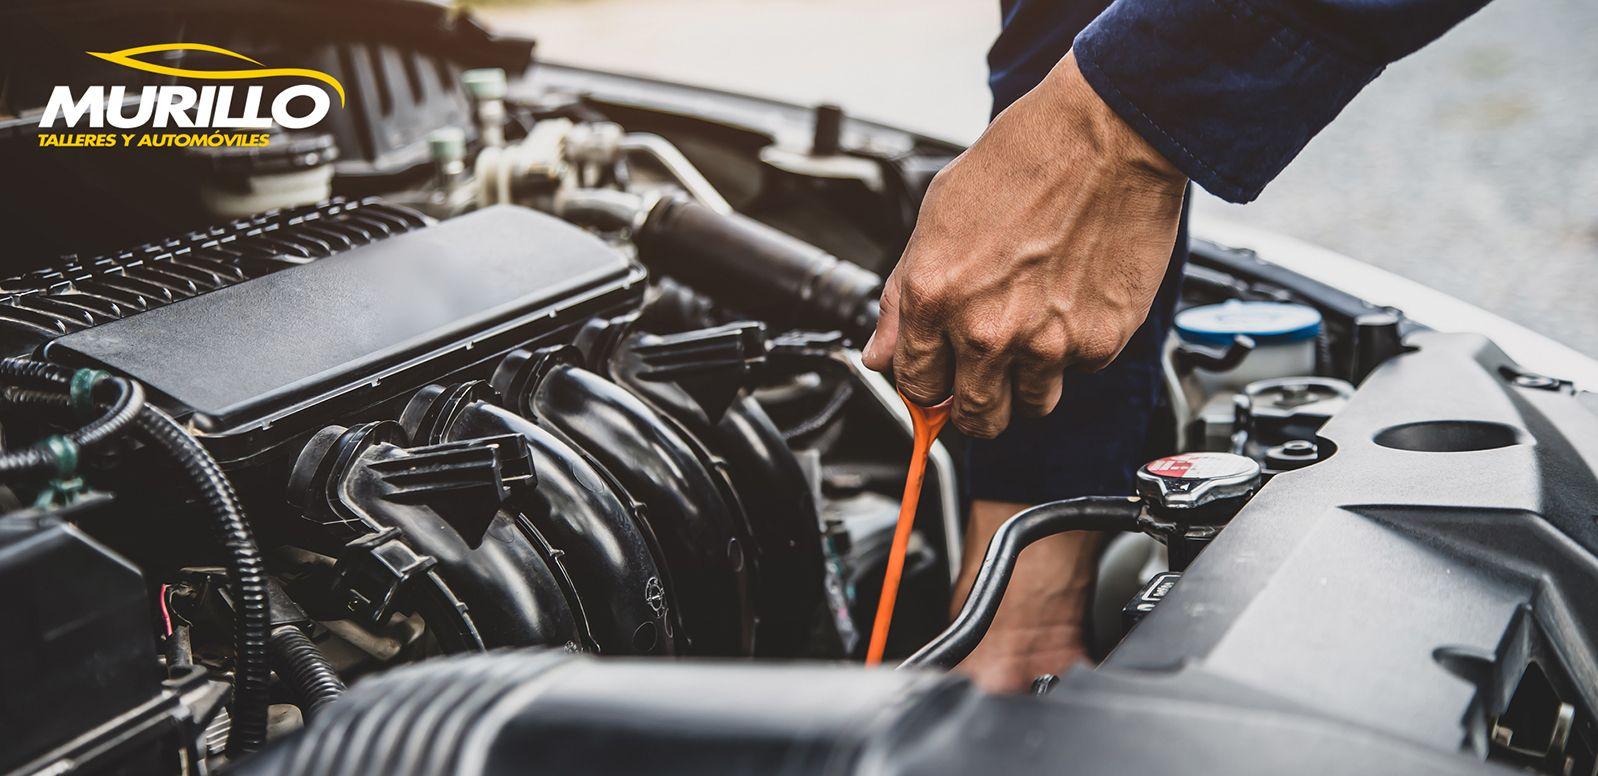 Fotografia Revisar los niveles del coche y la presión de los